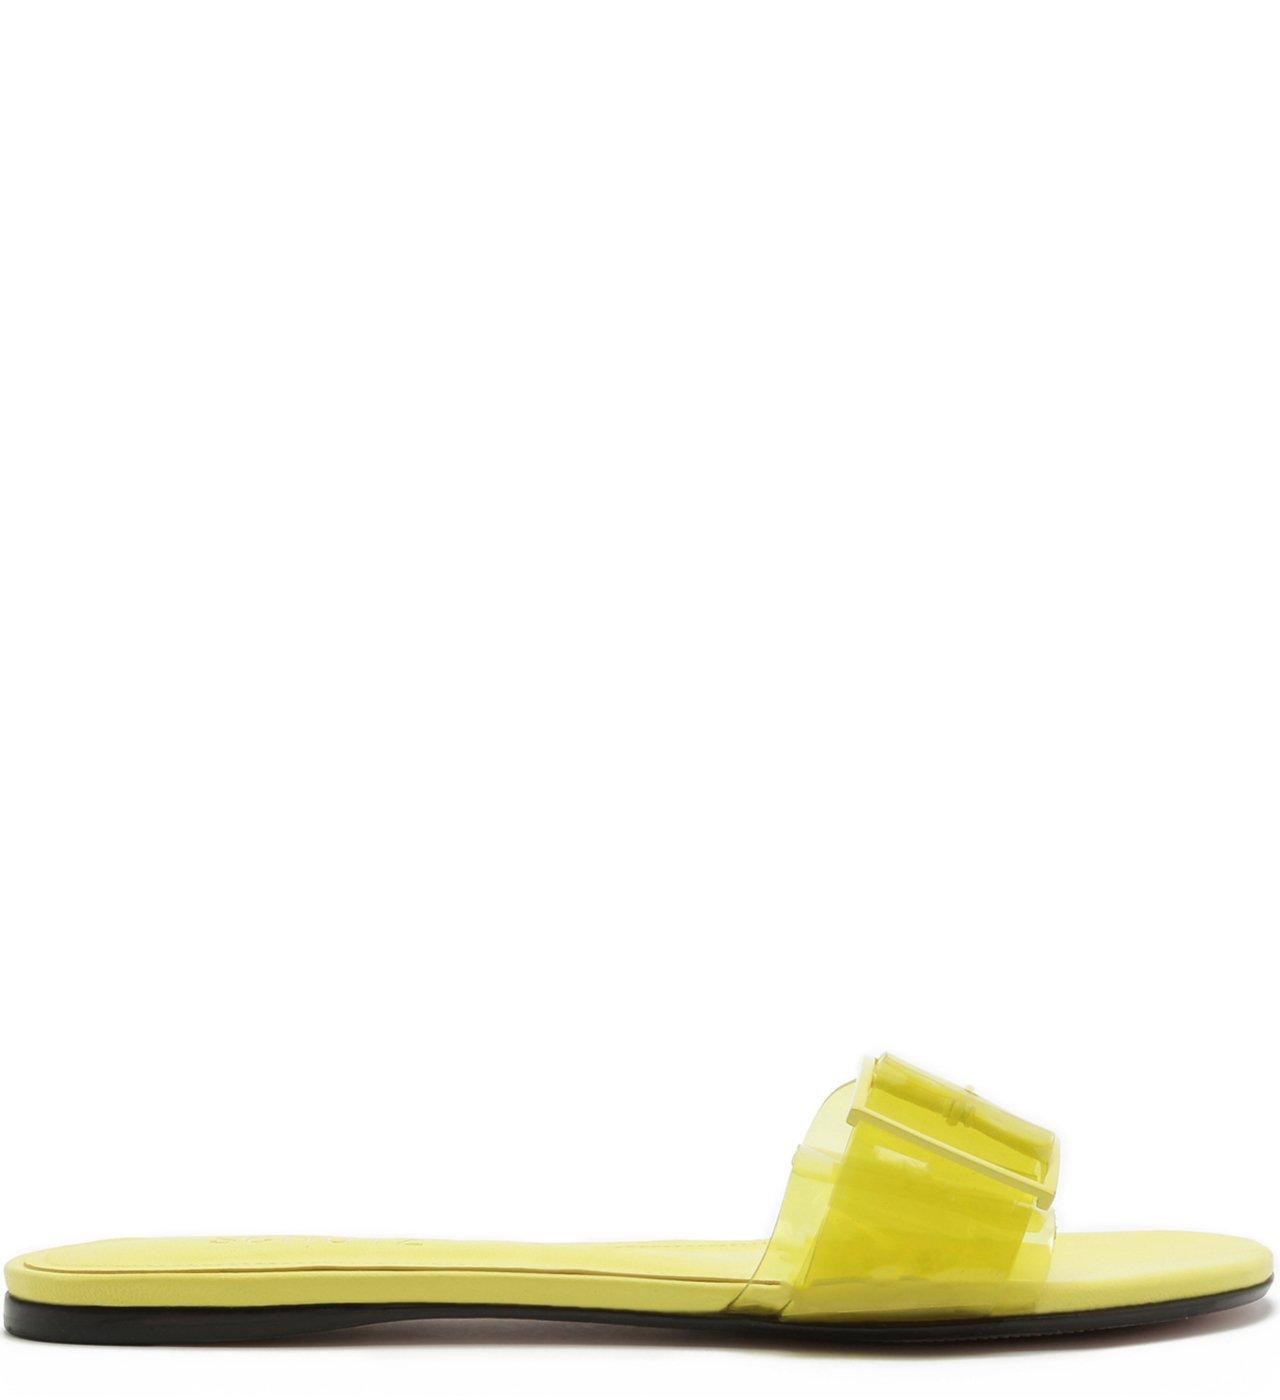 Slide Vinil Full Color Yellow | Schutz